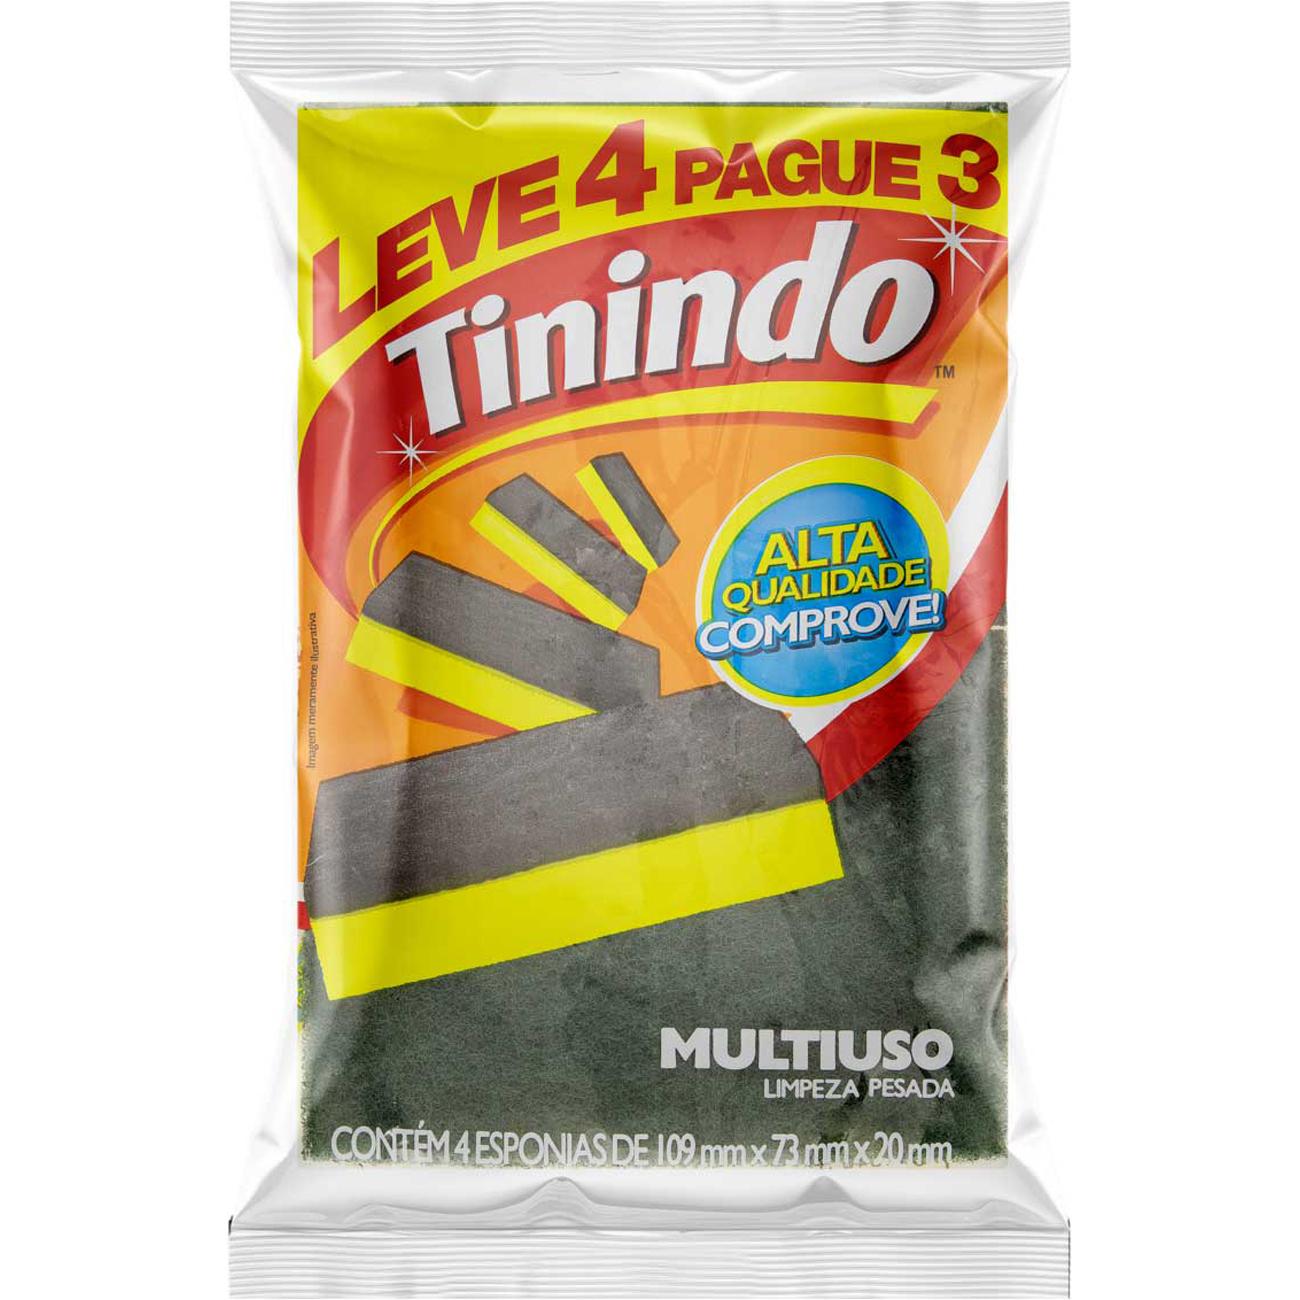 Esponja 3M Tinindo Lv4 Pg3